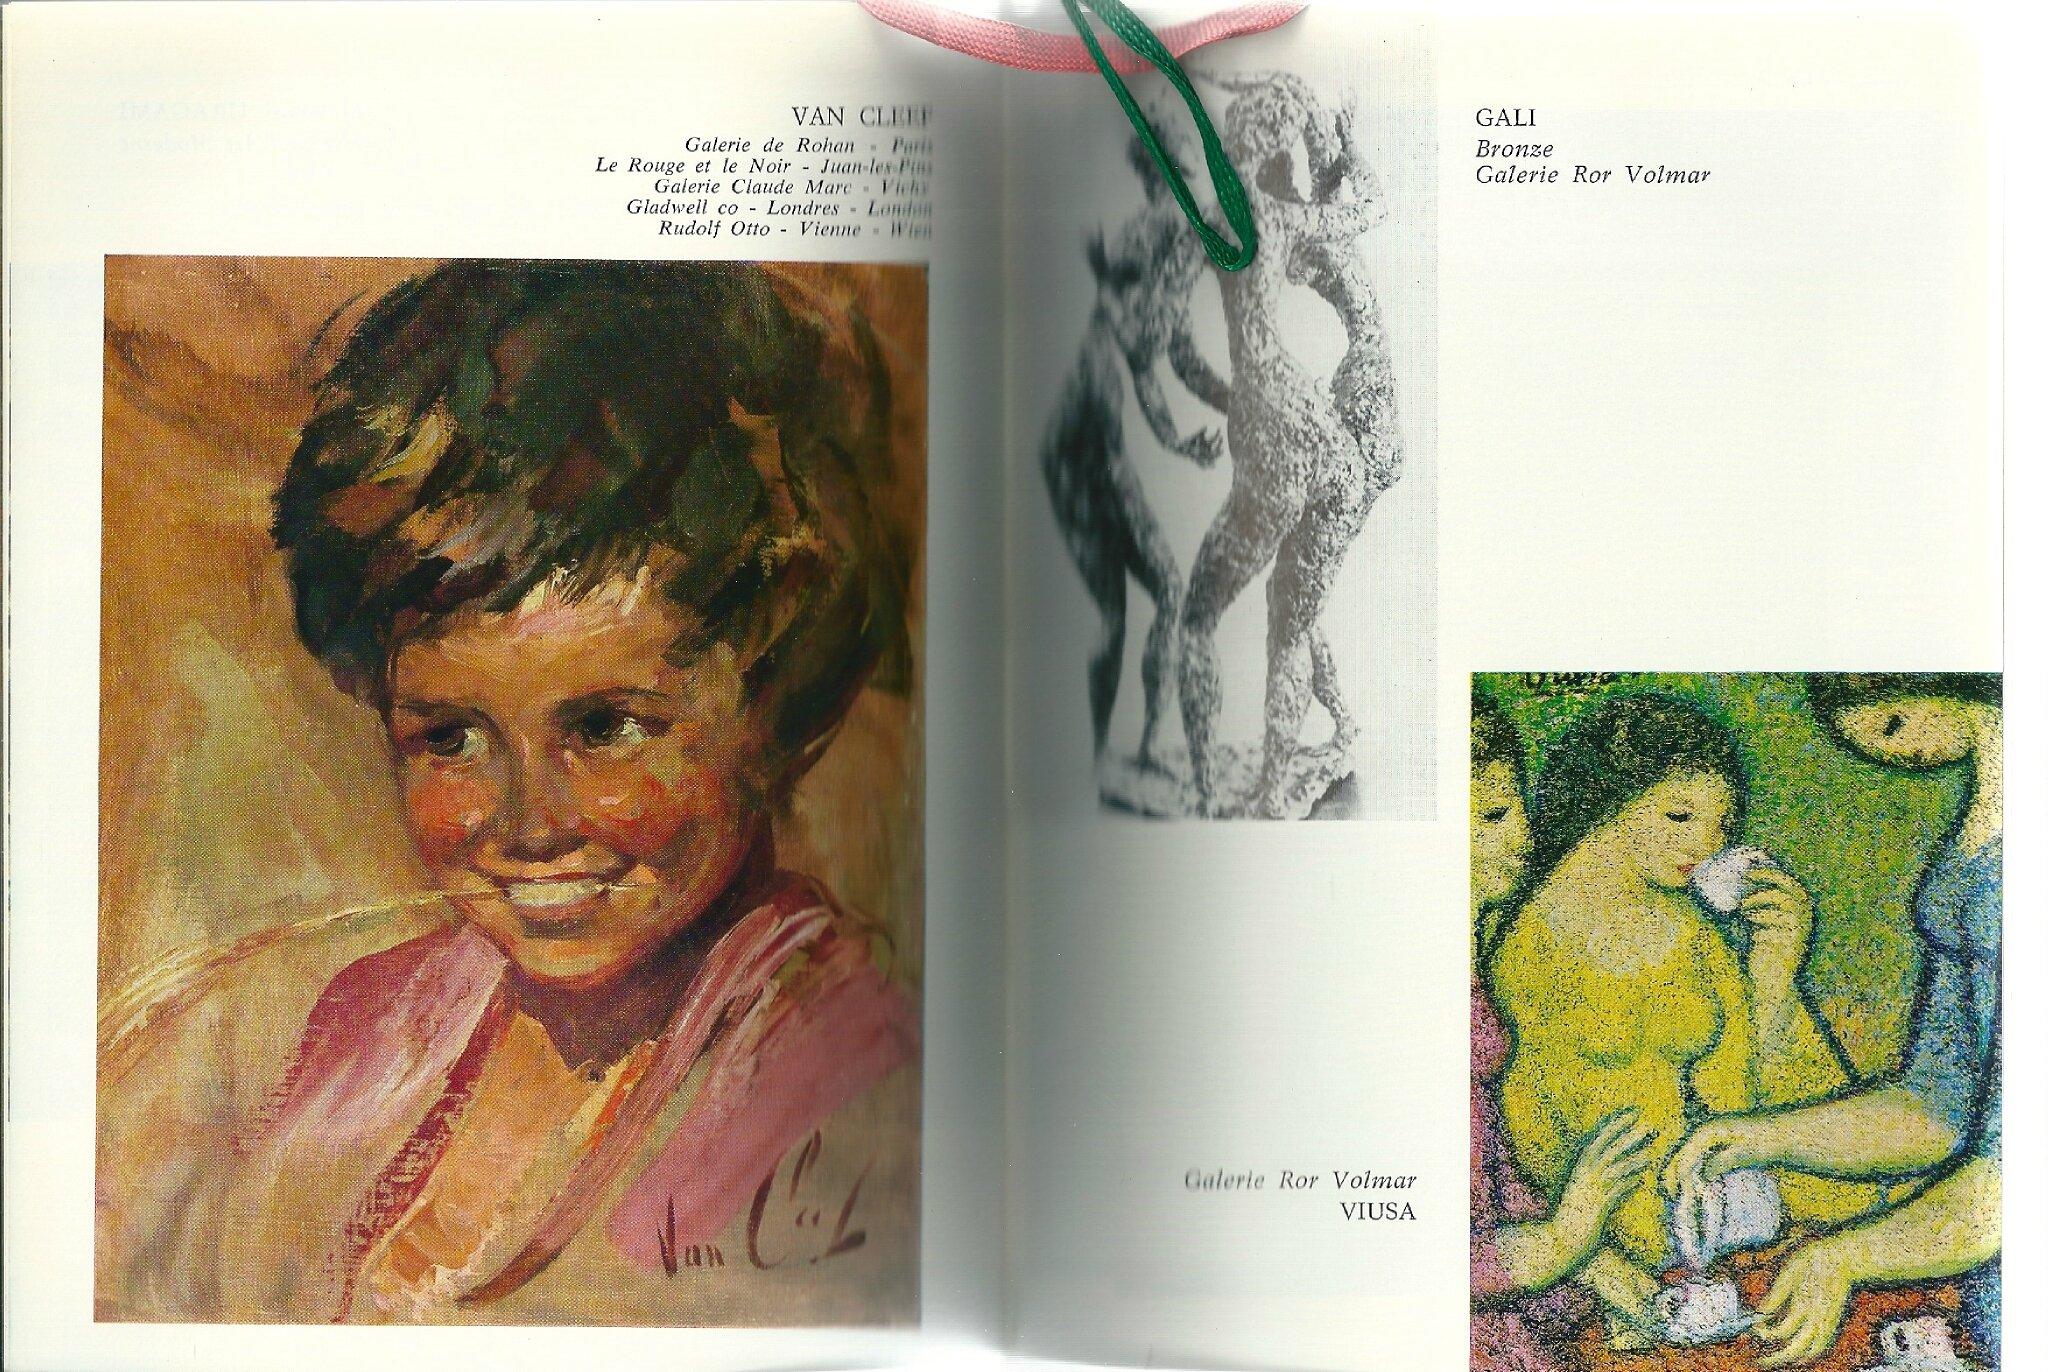 Annuaire de l'art international 1968-690008